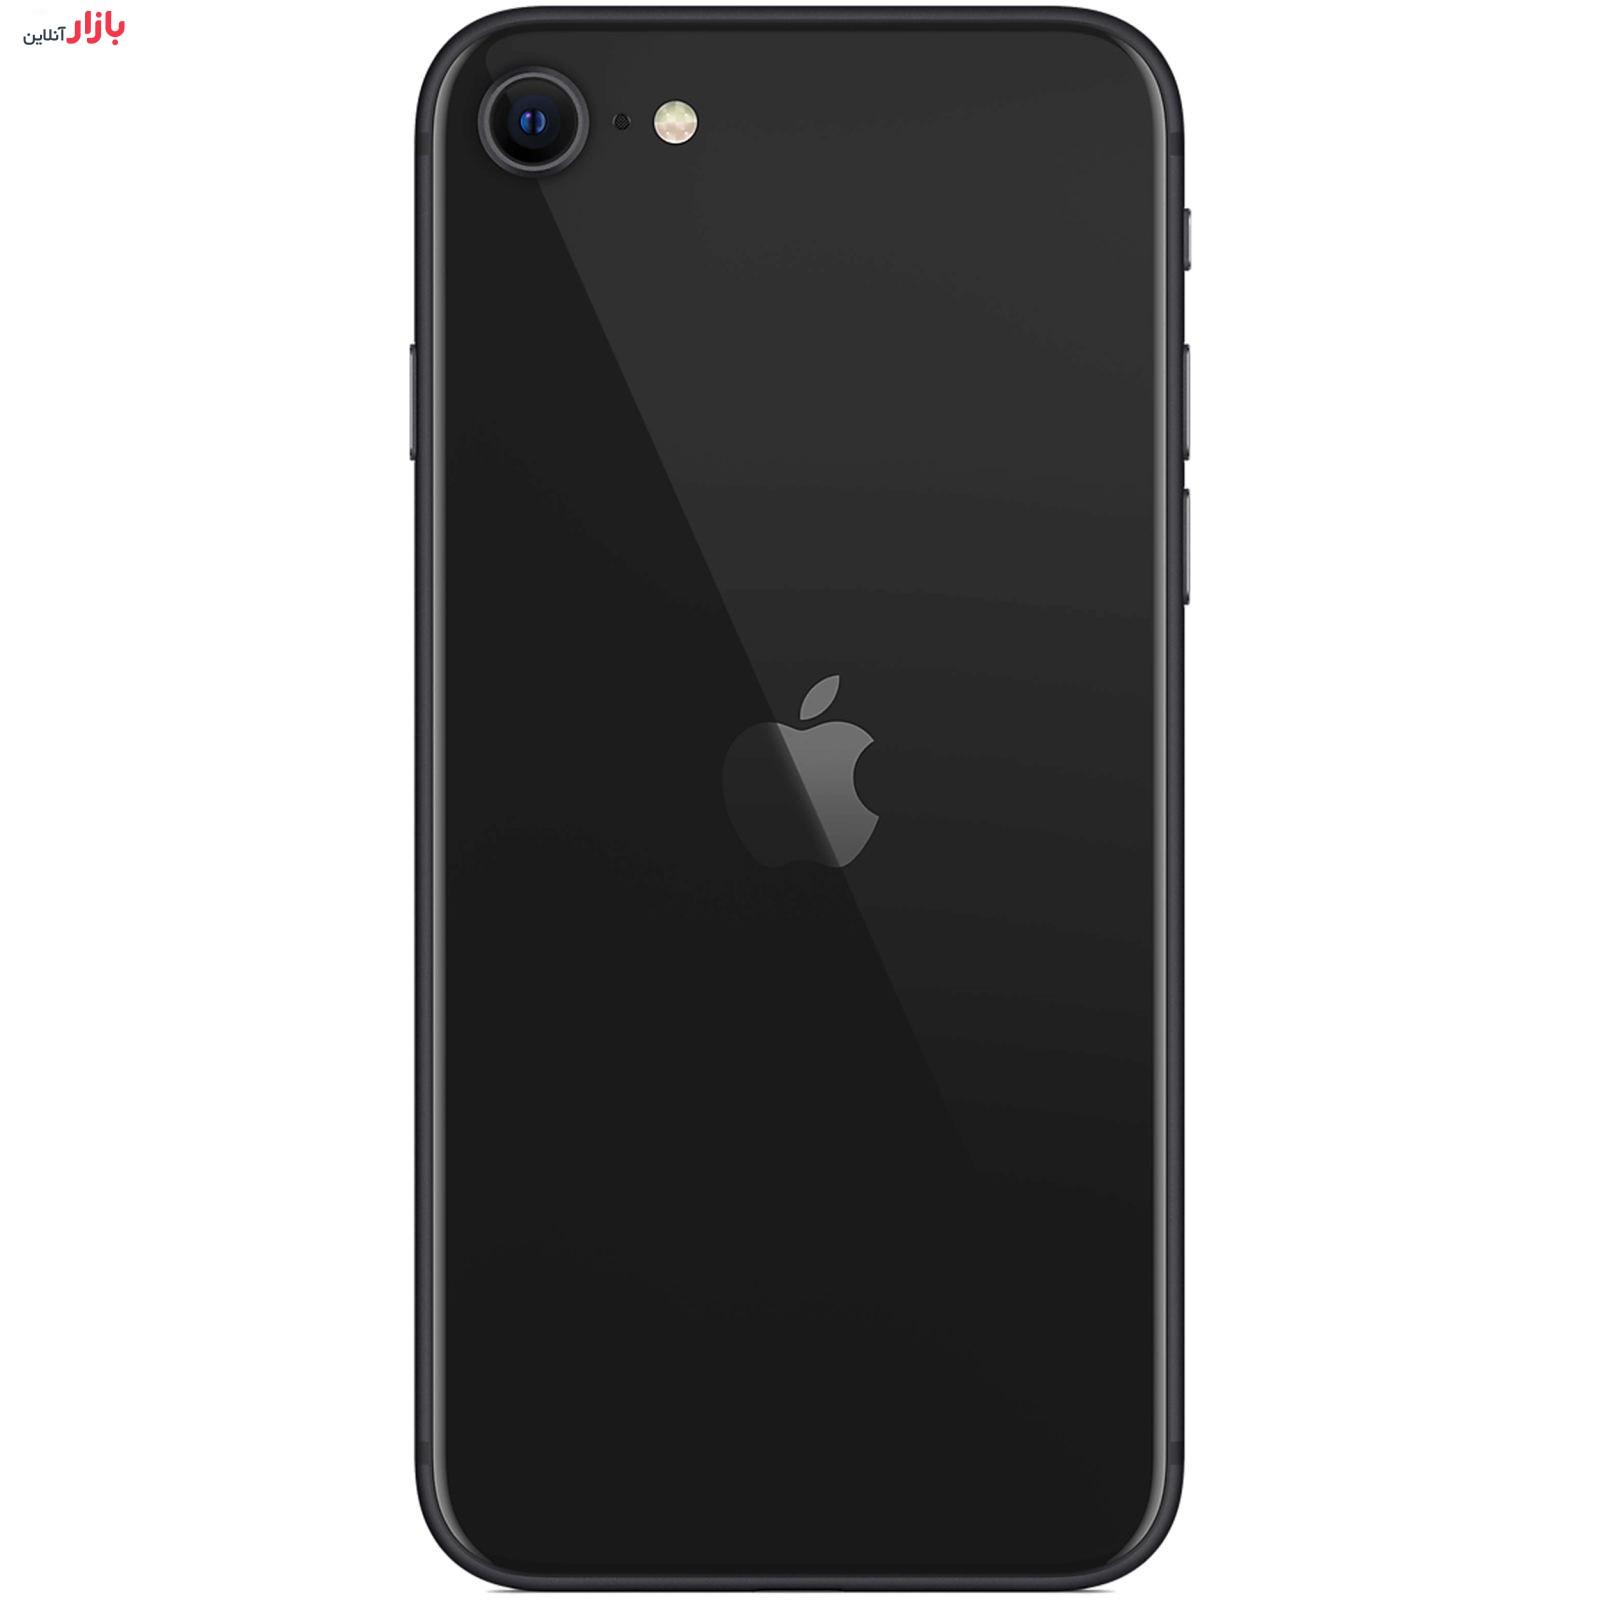 گوشی موبایل اپل آیفون 2020 SE ظرفیت 64 گیگابایت